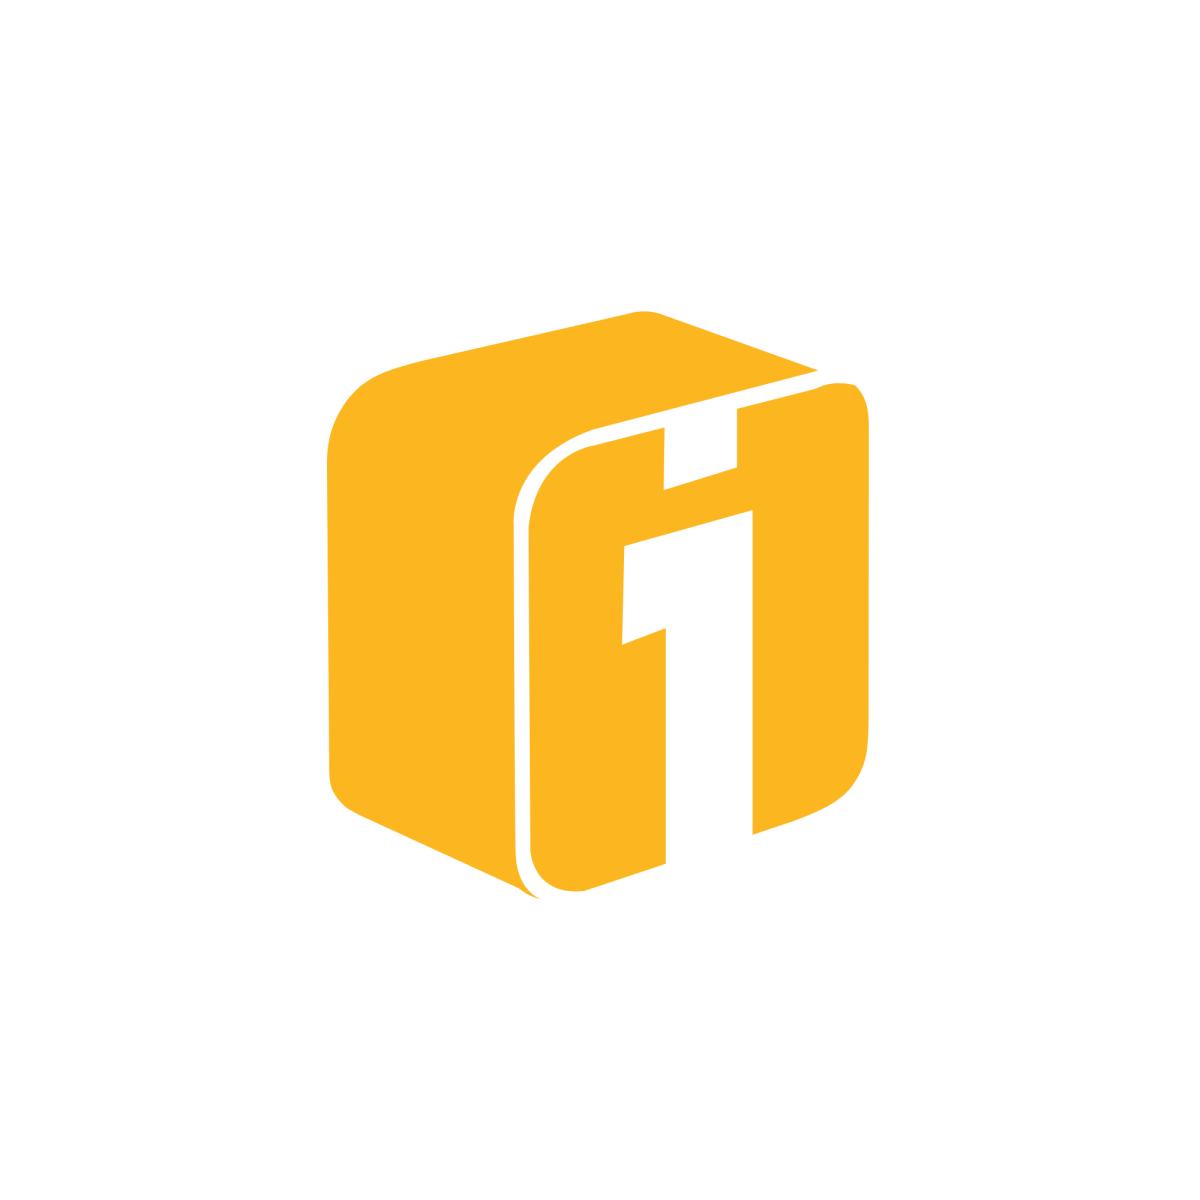 Idashboards Logo United States Letter I Letter I Logo Letter Logo